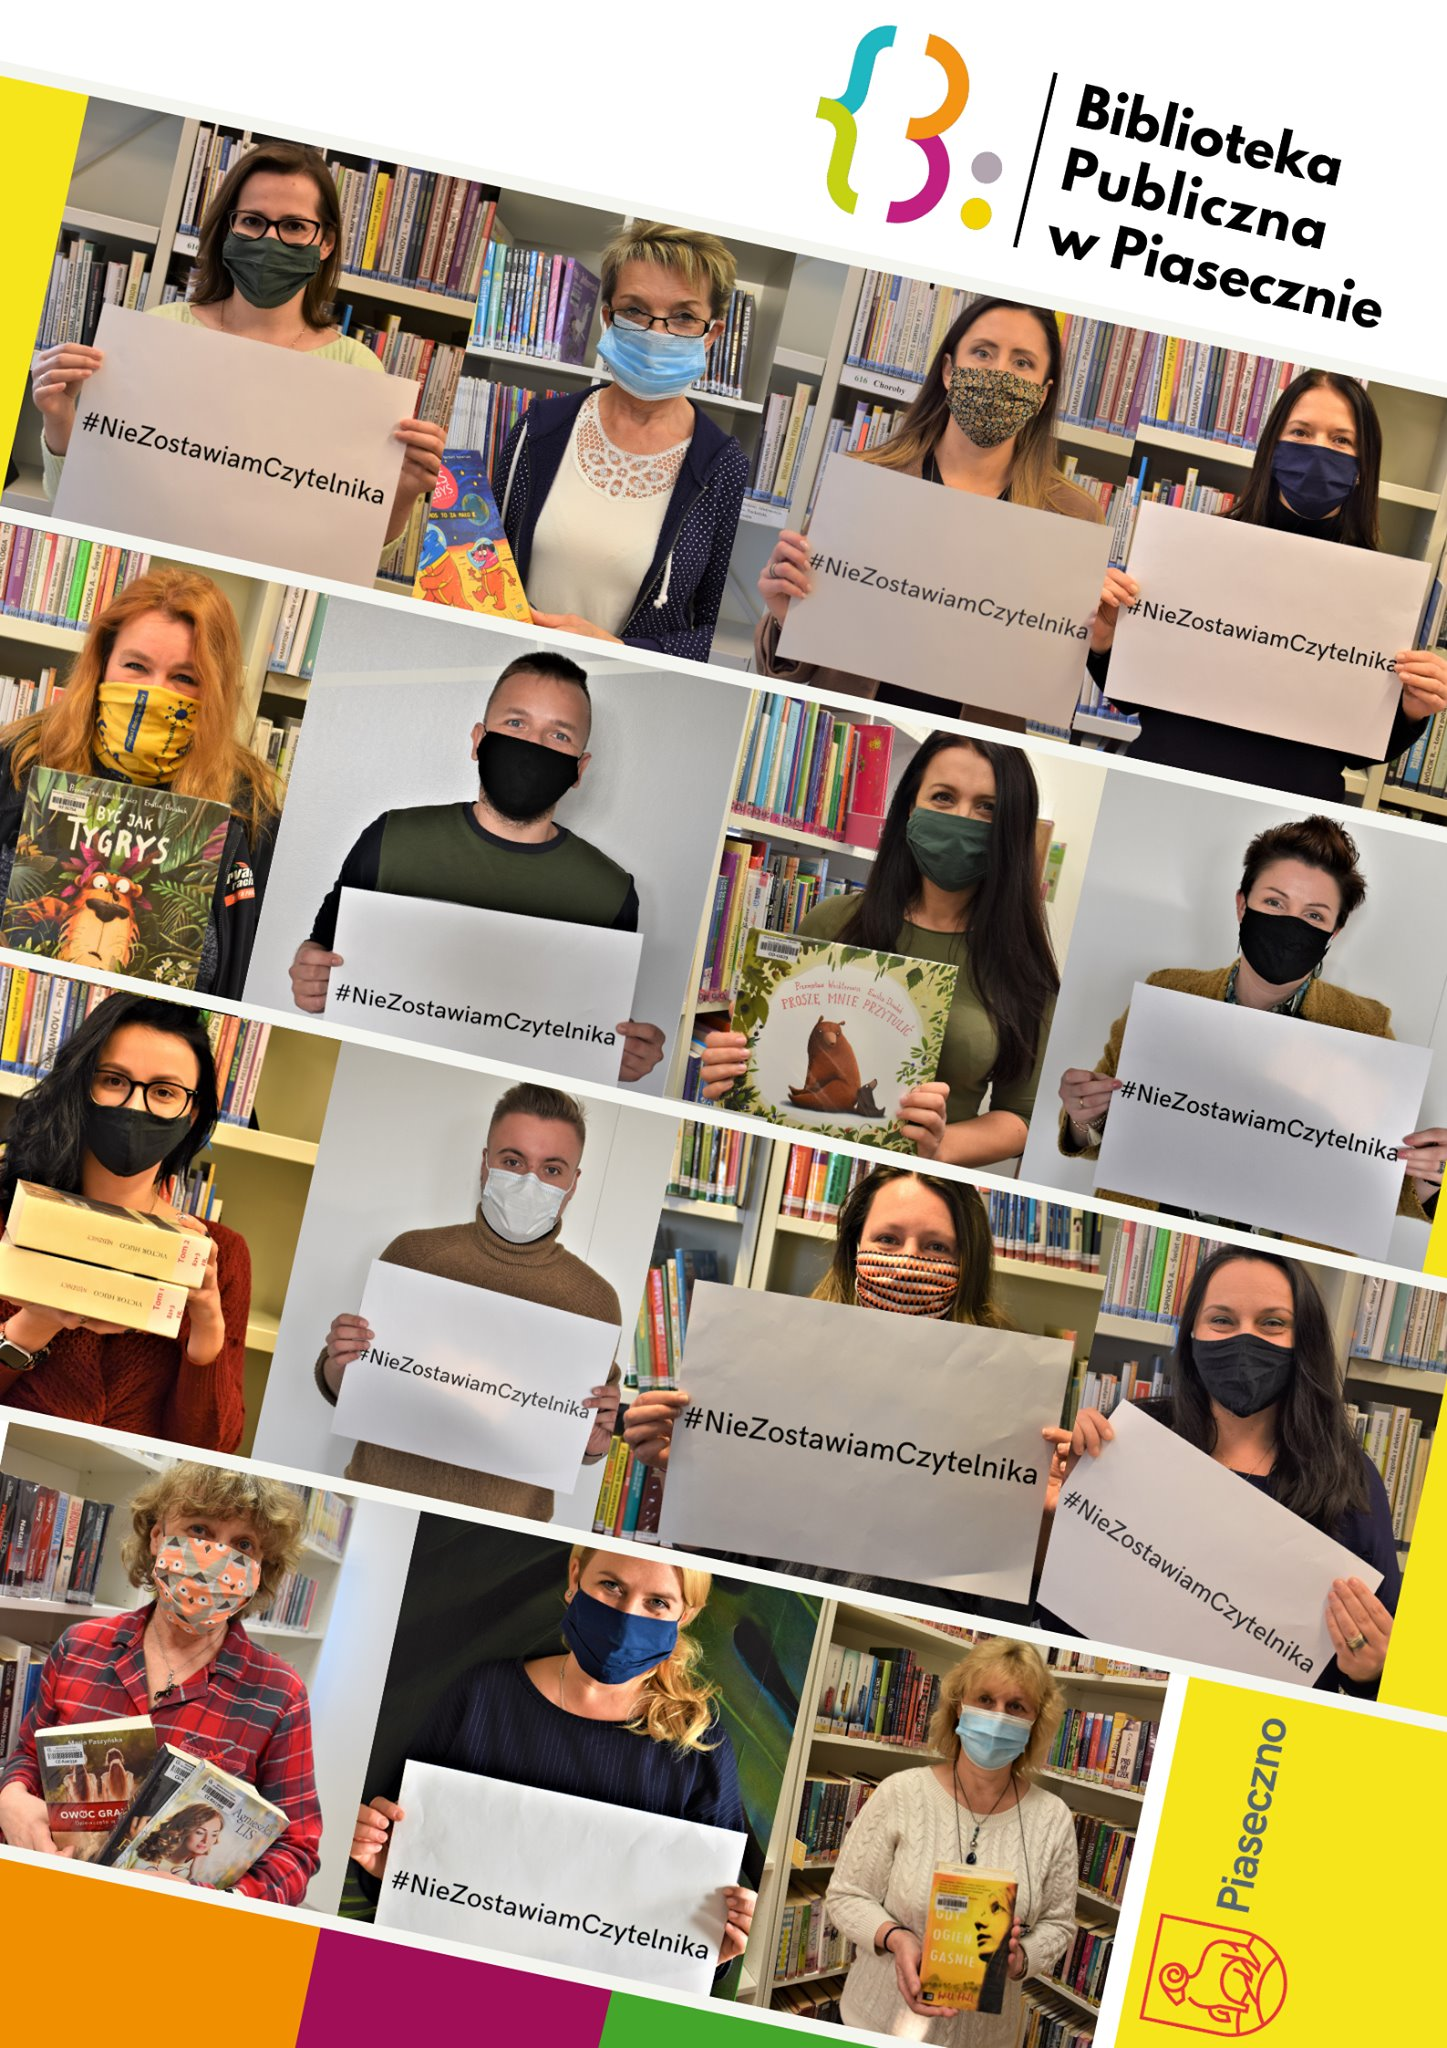 Nie Zostawiam Czytelnika - akcja piaseczyńskich bibliotekarzy